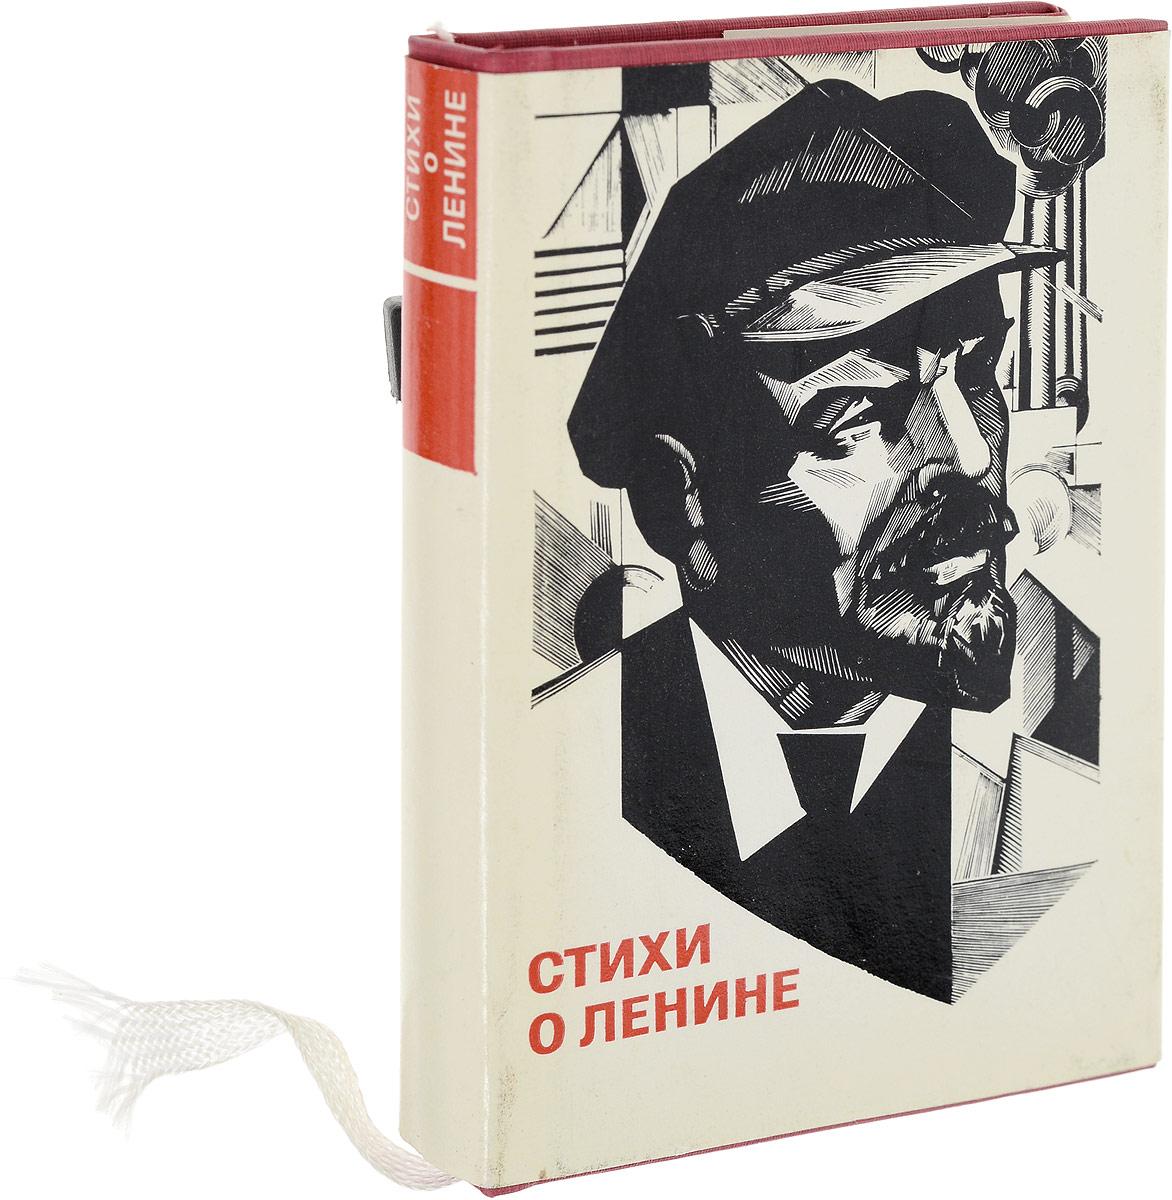 Регистан Г. Стихи о Ленине советских поэтов